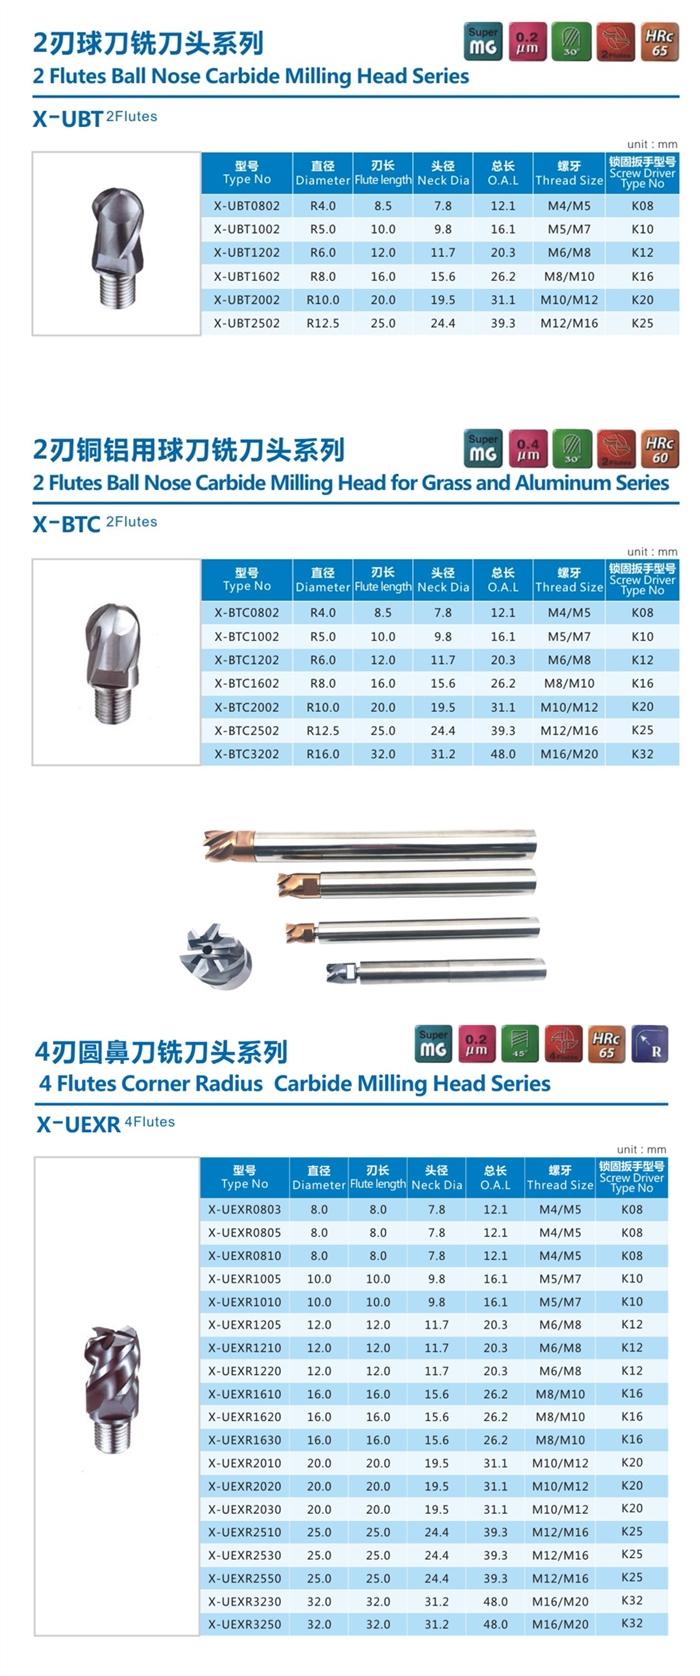 Nguyên Liệu Tinh Khiết Chất Liệu Carbide Chống Rung Giữ Công Cụ Nhàm Chán Bar Cho Máy Phay